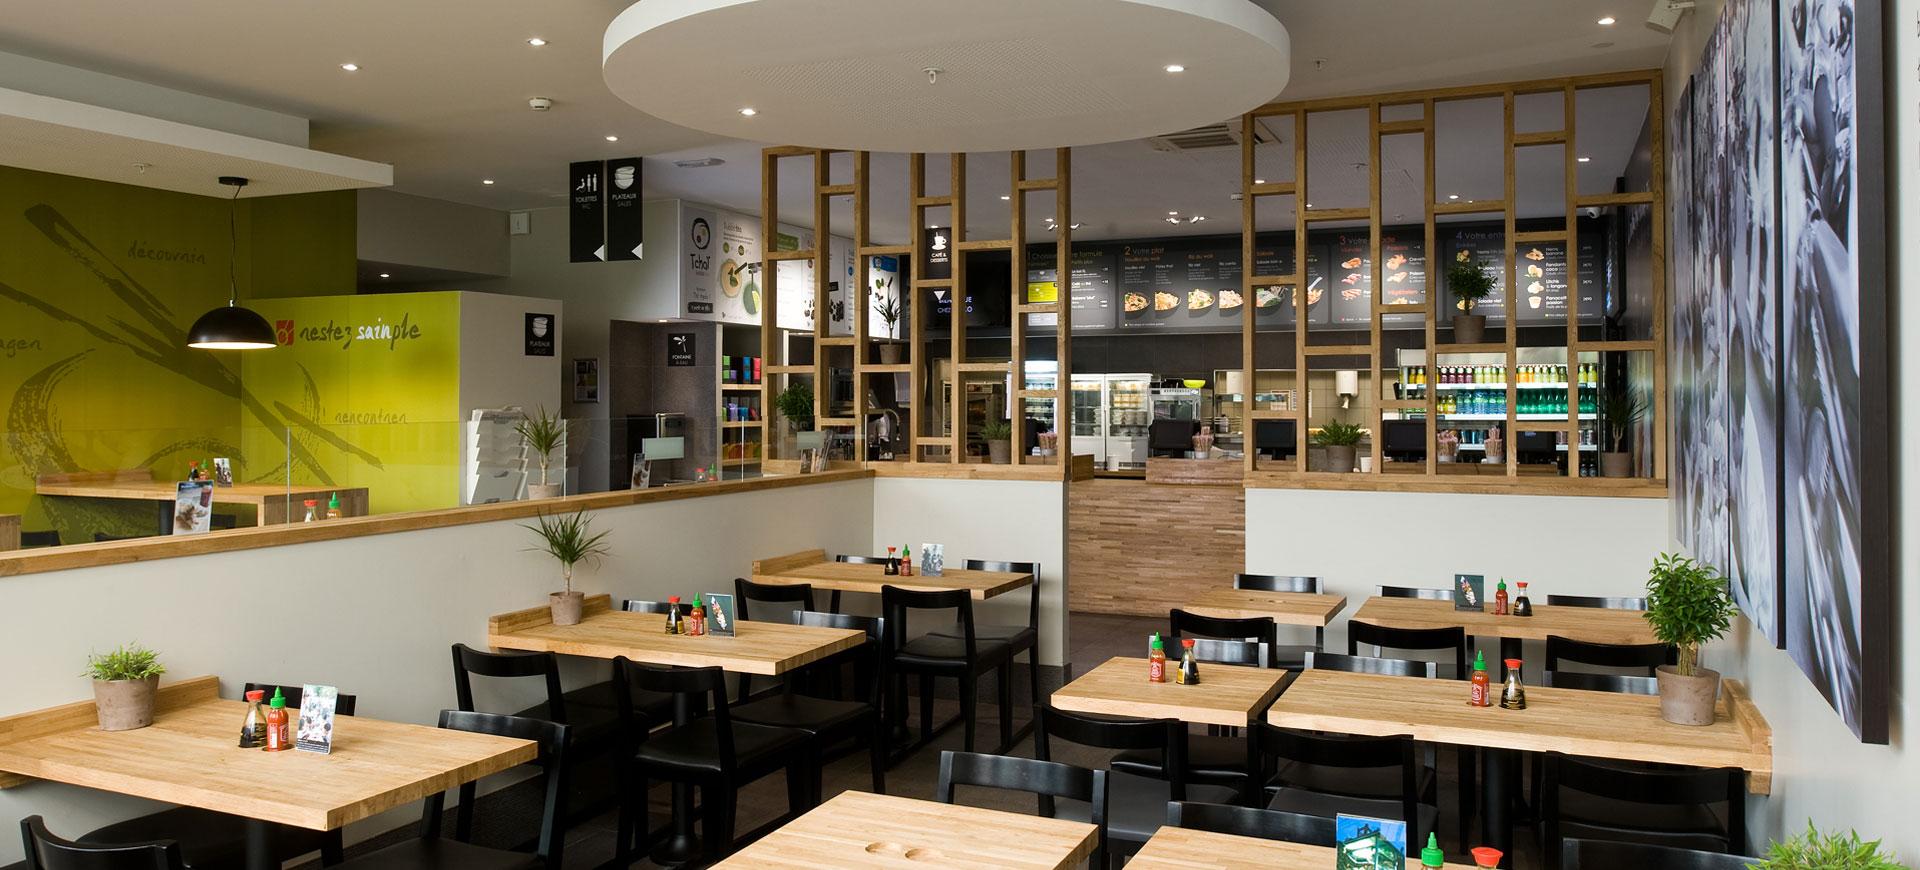 Franchise woko dans franchise restauration thme - Du bruit dans la cuisine part dieu ...